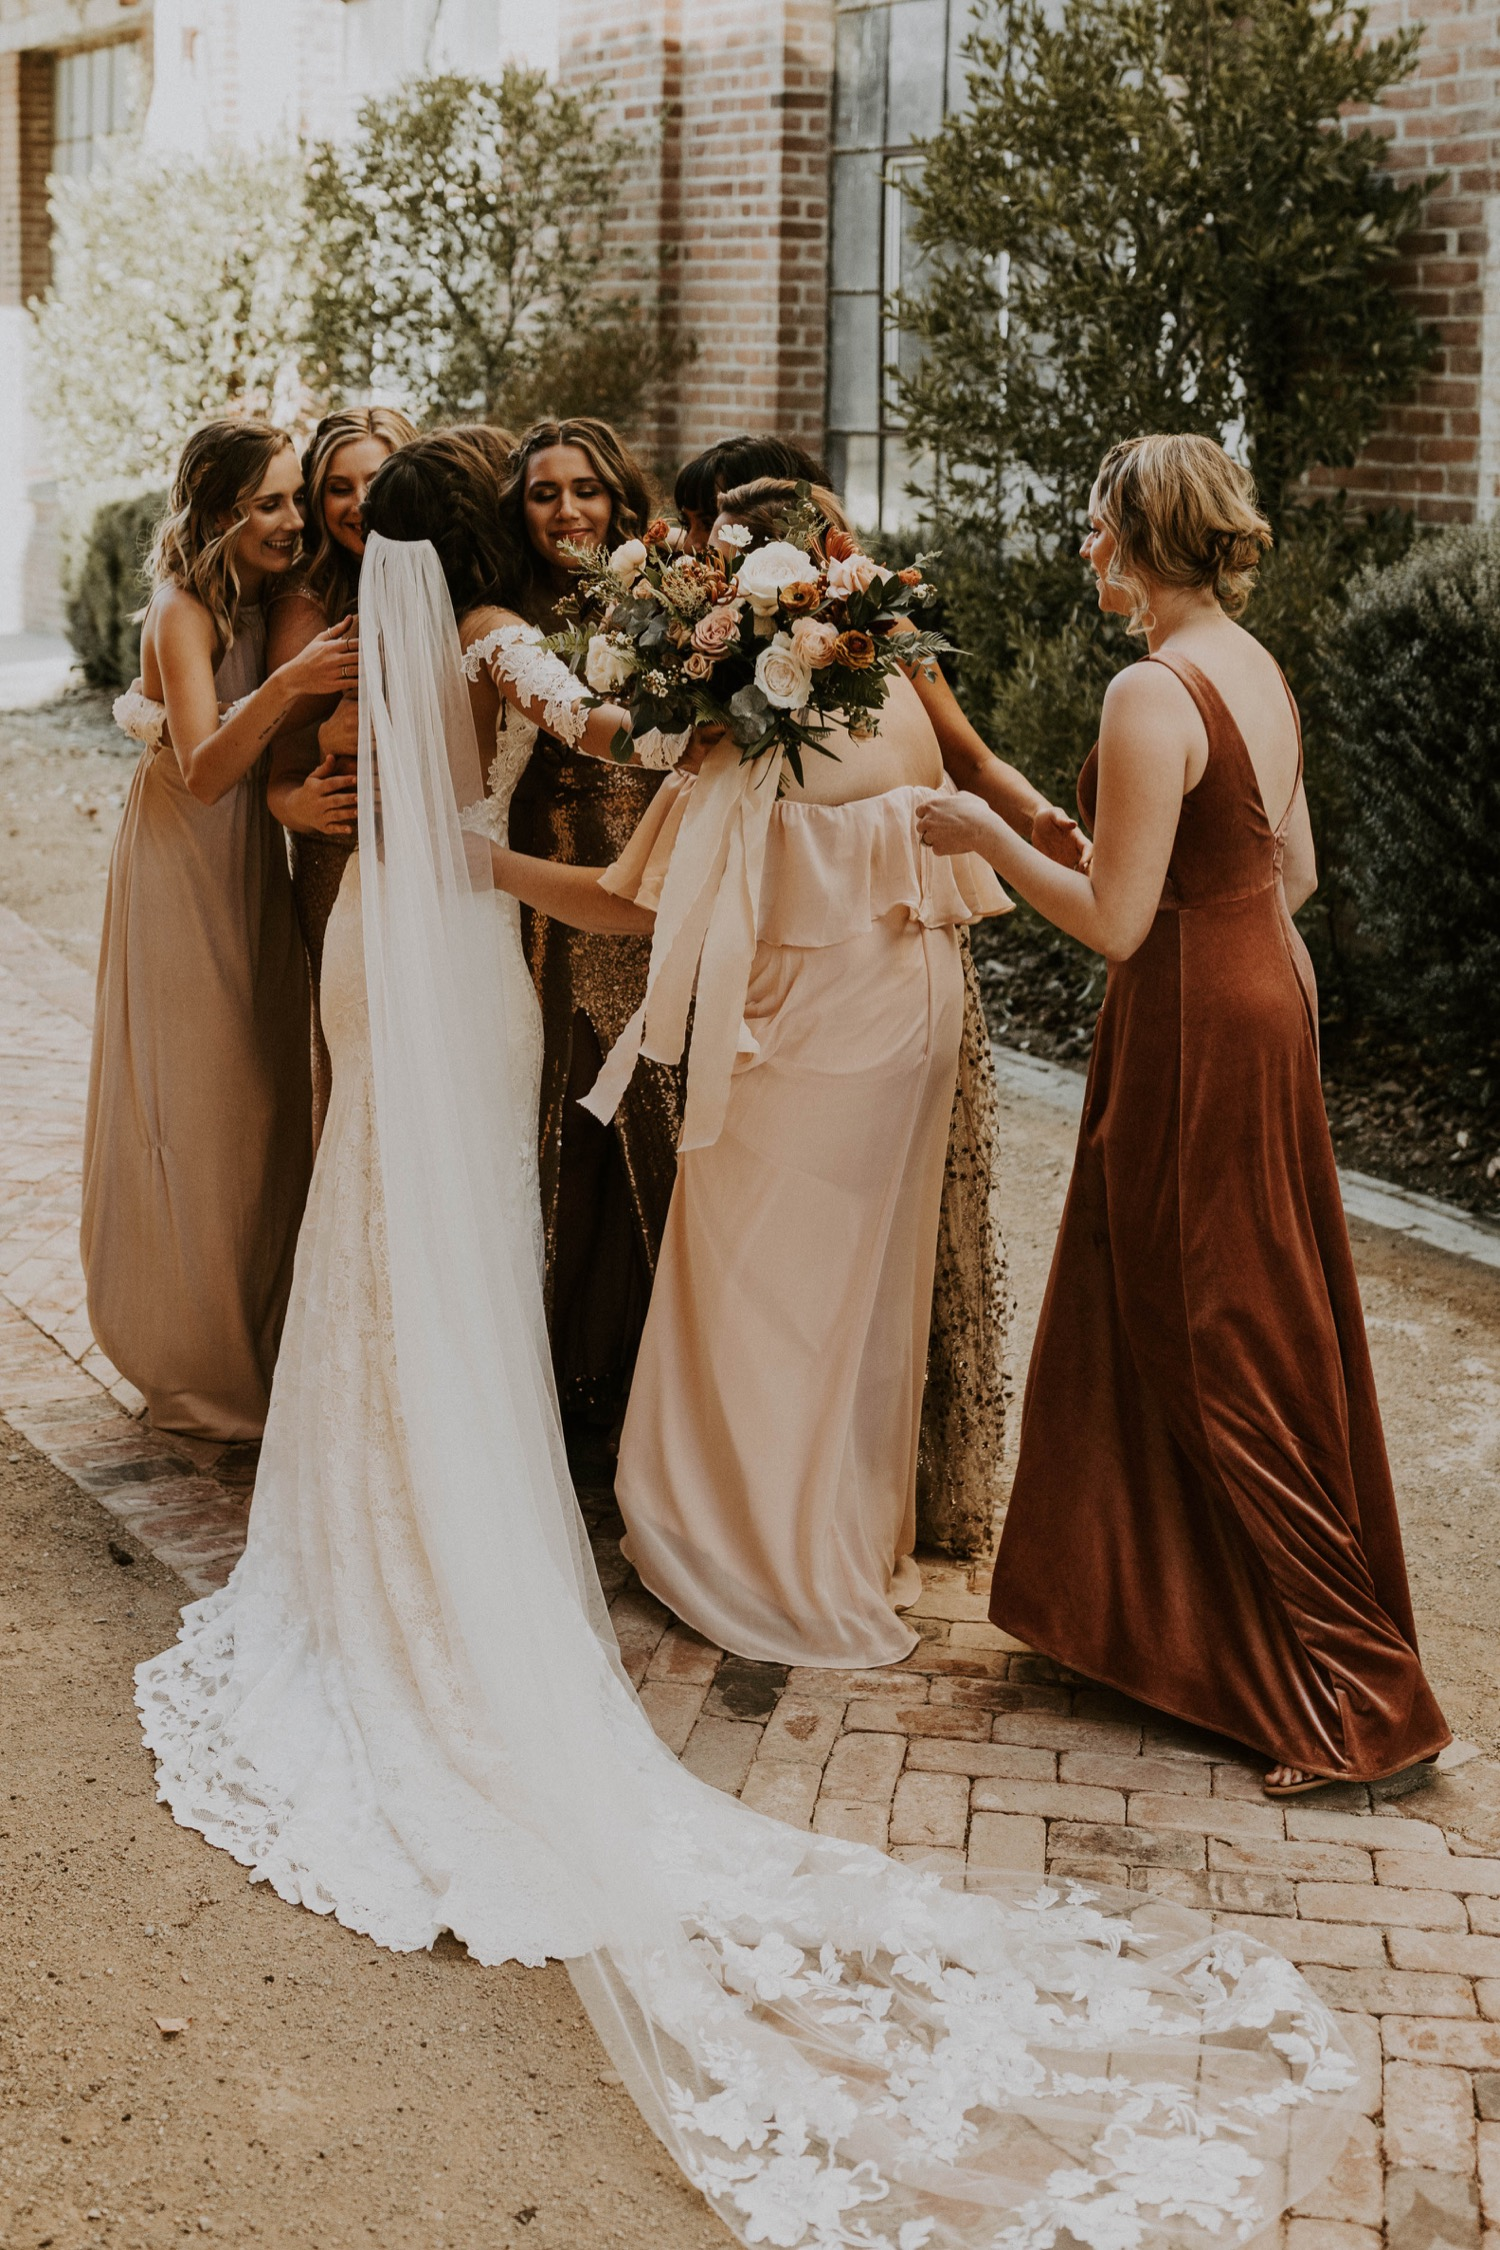 Daggast op een bruiloft samen met de bruid